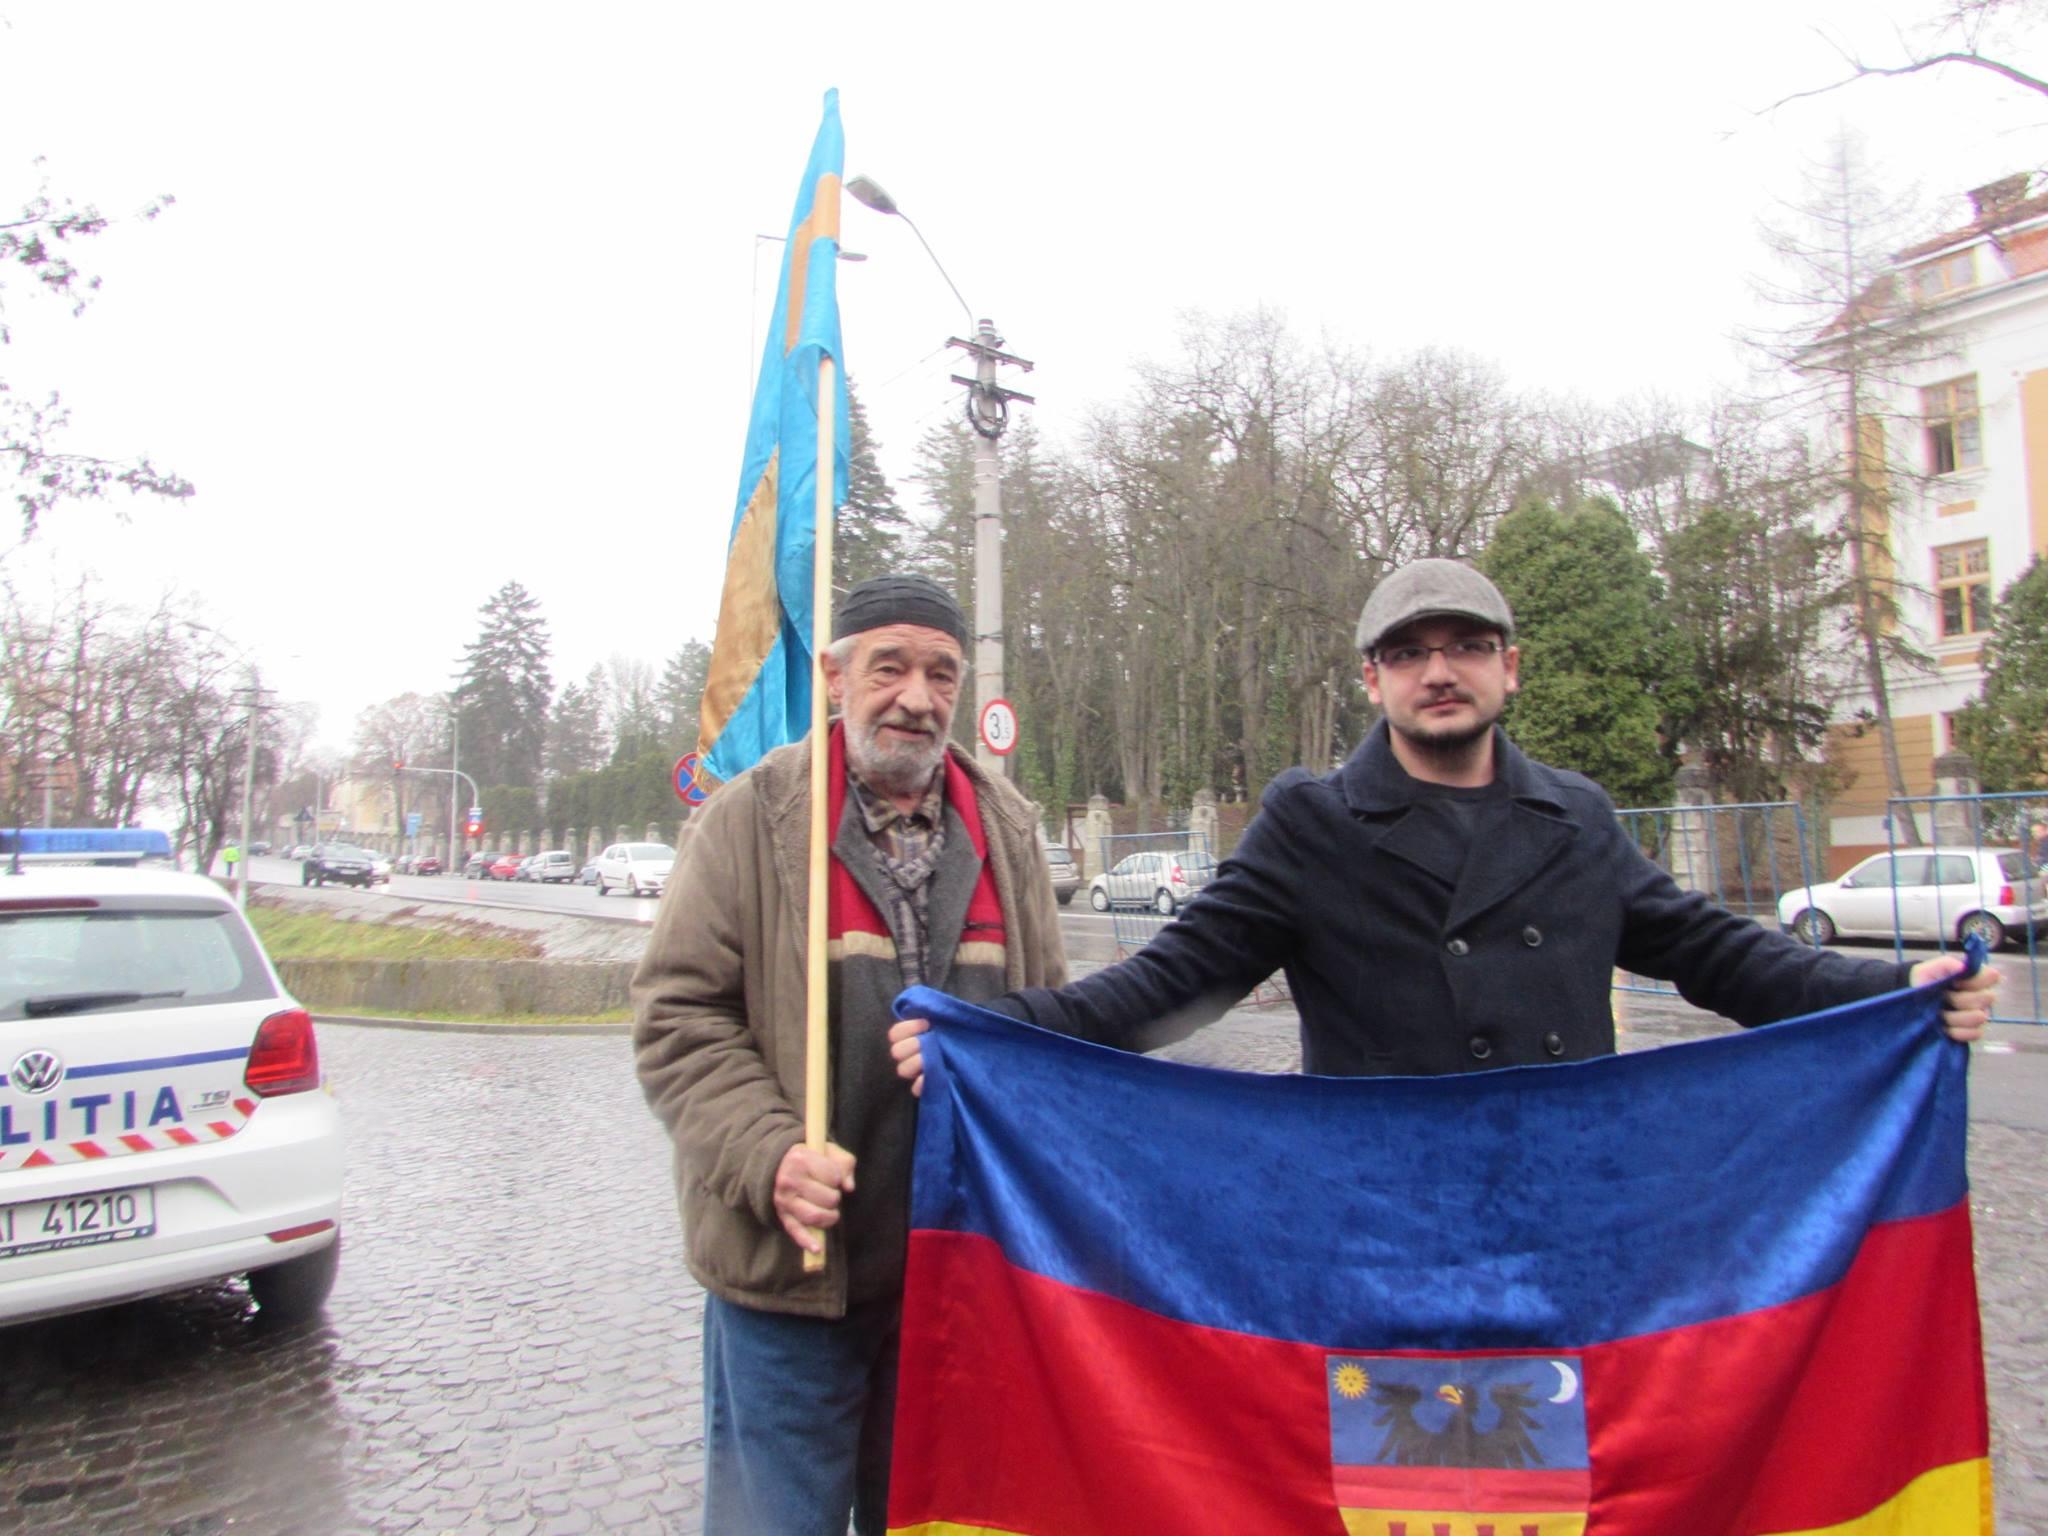 Egy Erdély-zászló miatt vitték el a csendőrök Fancsali Ernőt Kolozsváron